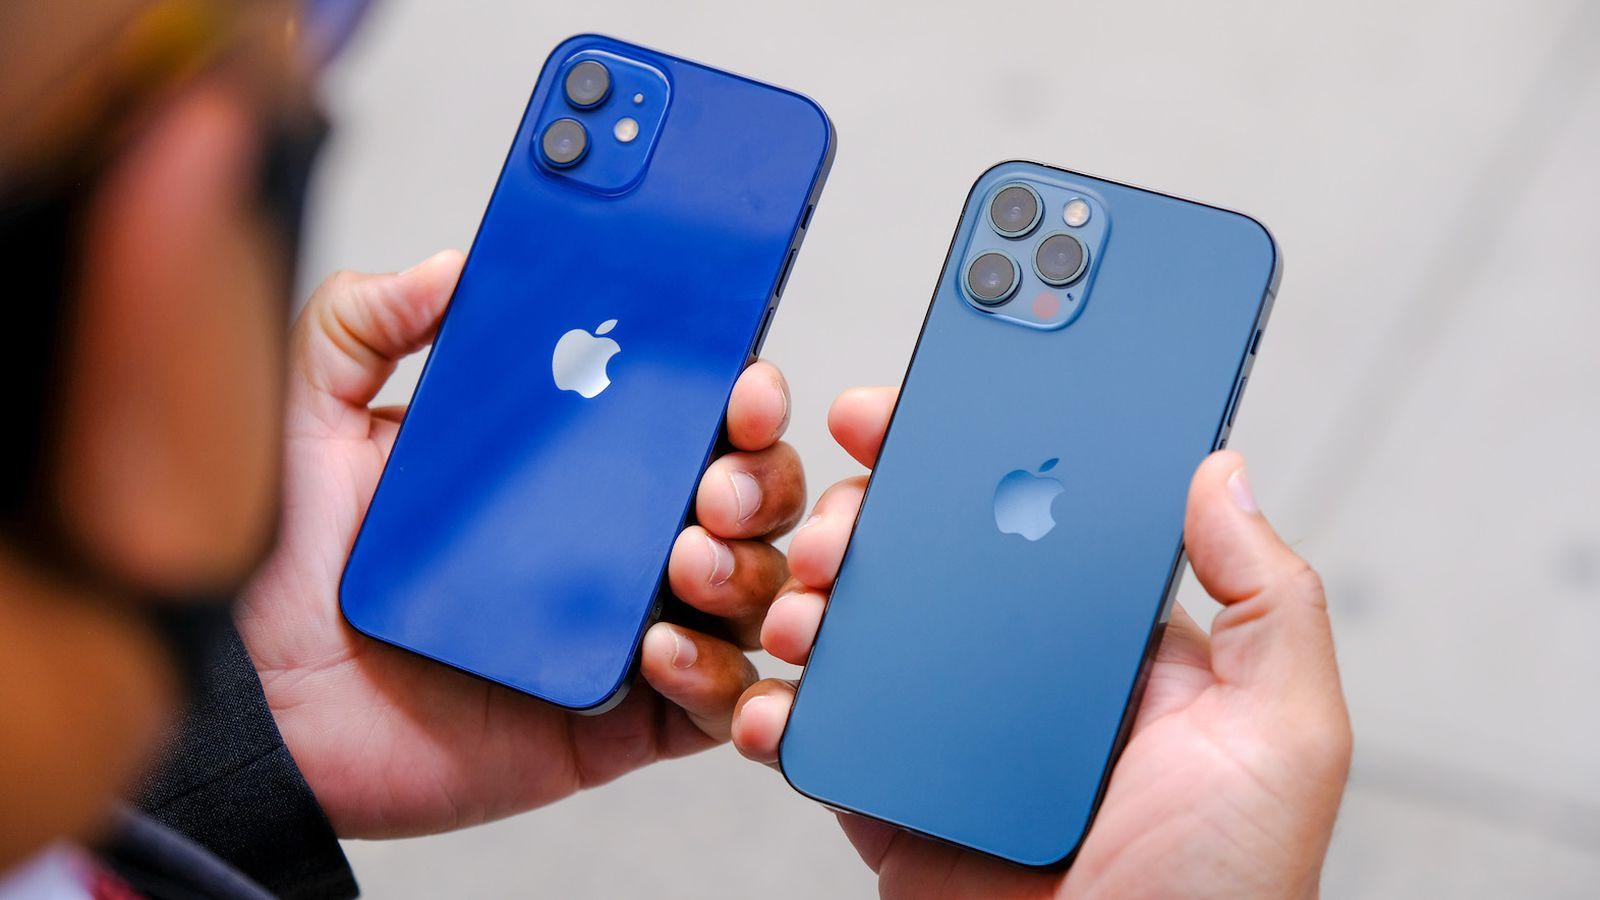 Прорыв Apple: в мире сейчас миллиард iPhone в активном использовании